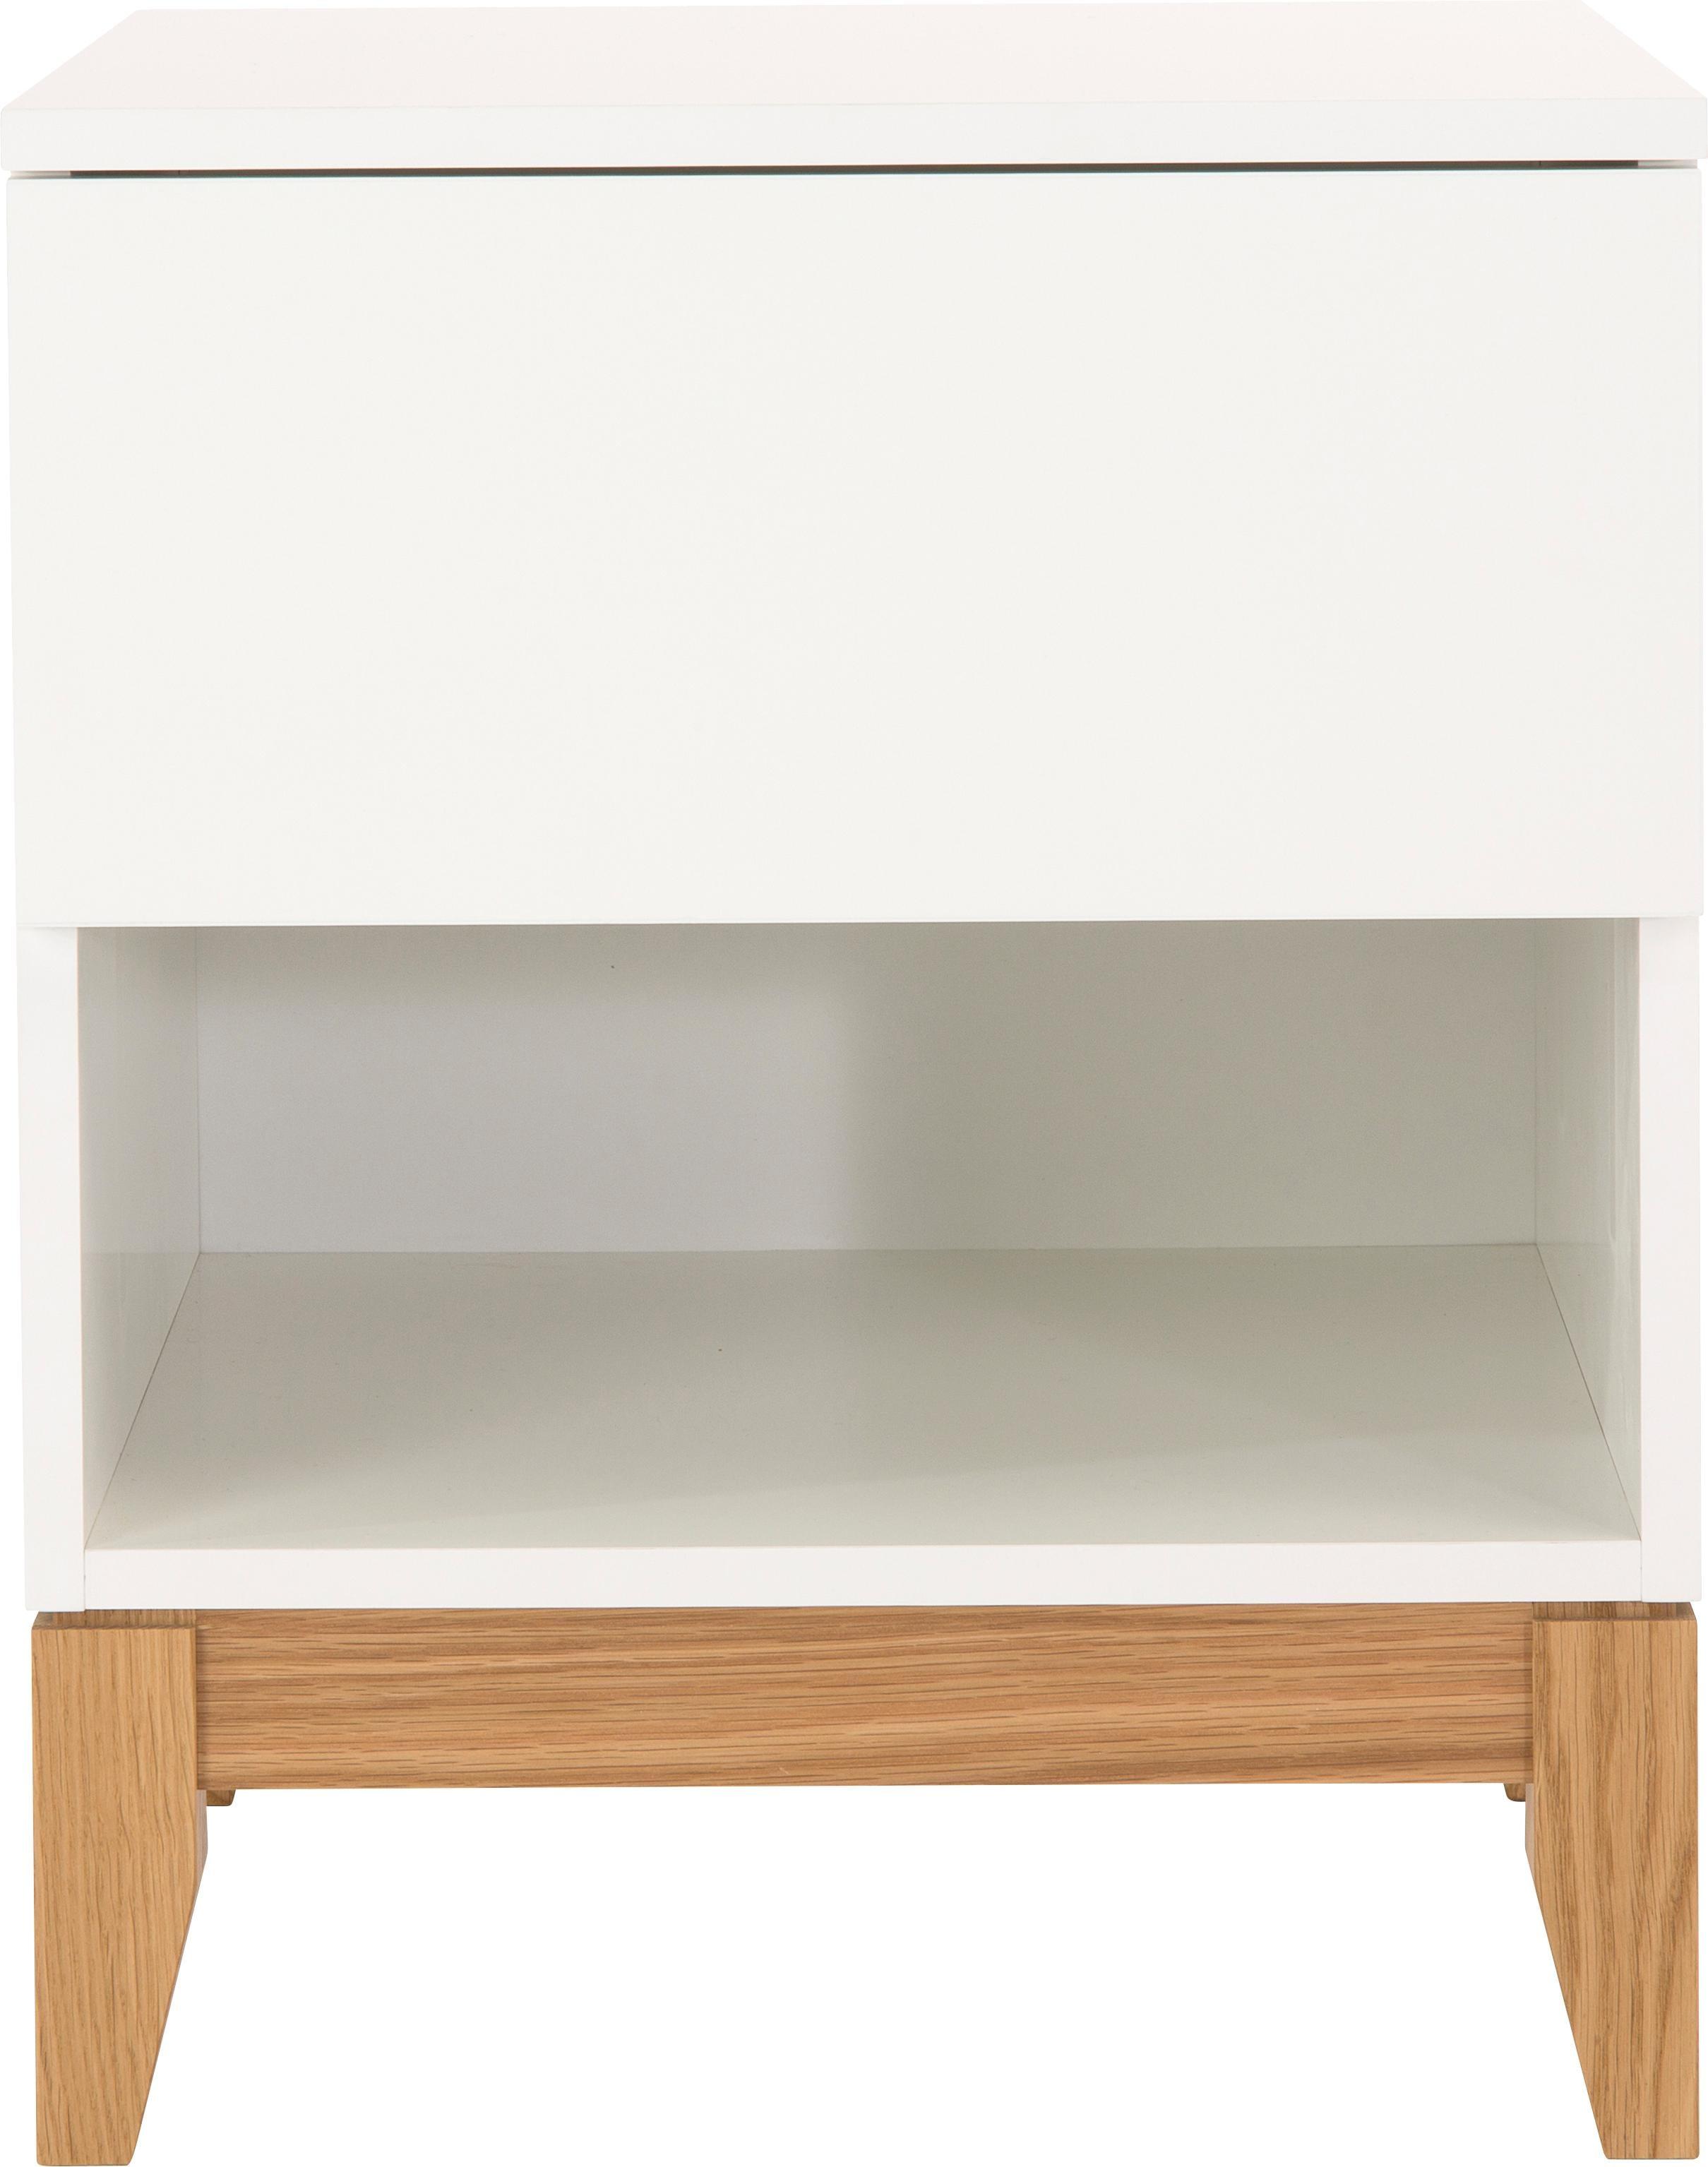 Woodman Beistelltisch Elinee Wohnen/Räume/Wohnzimmer/Couchtische & Beistelltische/Beistelltische